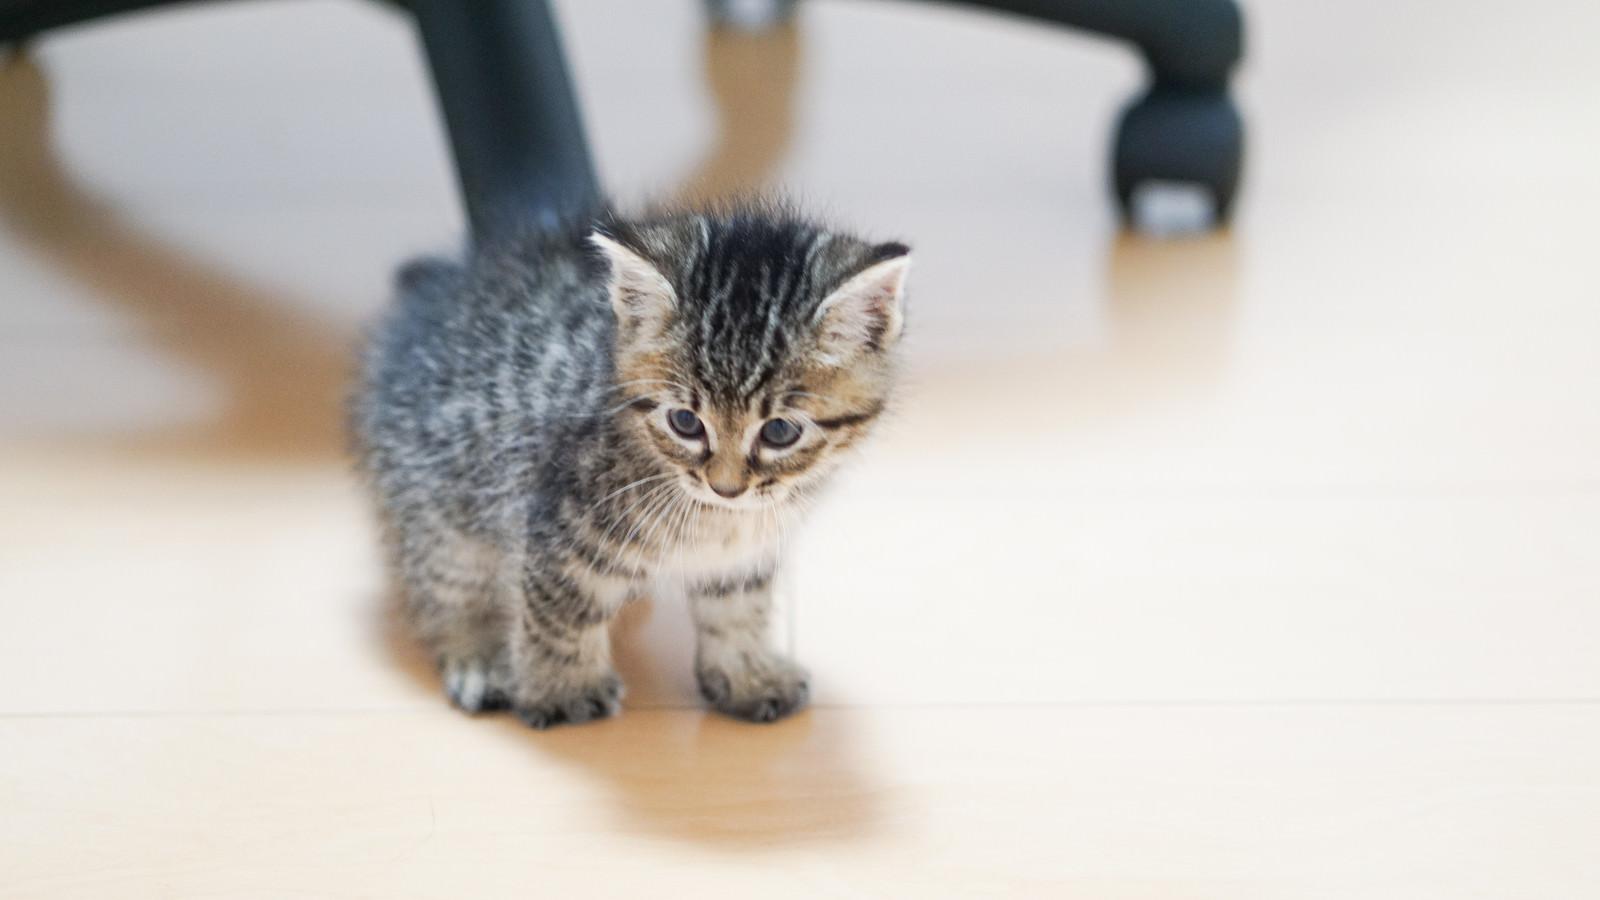 「ひとりぼっちでうなだれる子猫」の写真